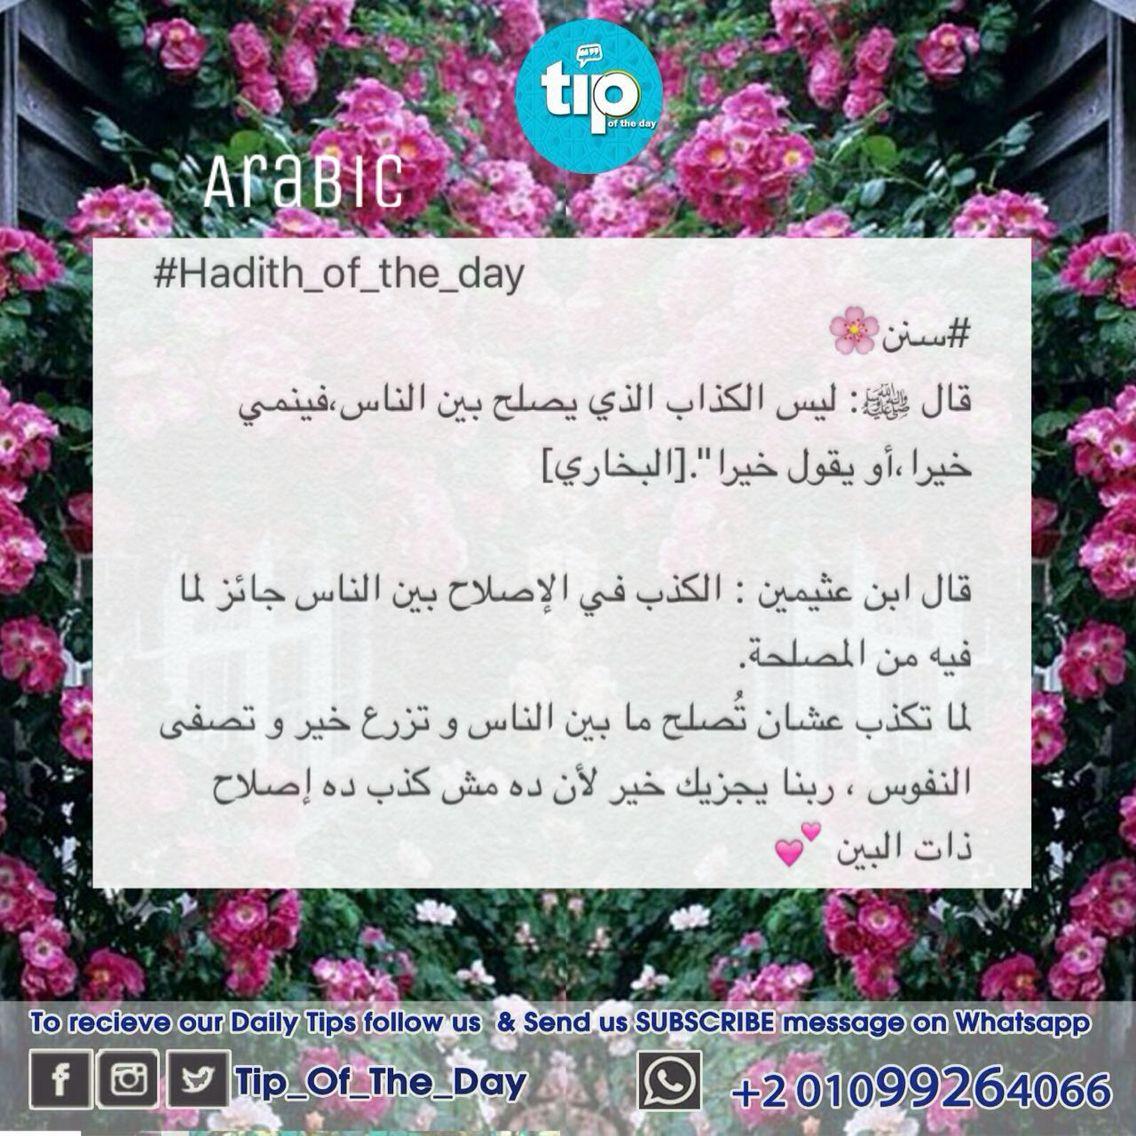 إصلاح ذات البين Tip Of The Day Life Daily Sunan Teachings Islamic Posts Islam Holy Quran Good Manners Hadith Of The Day Tip Of The Day Teachings